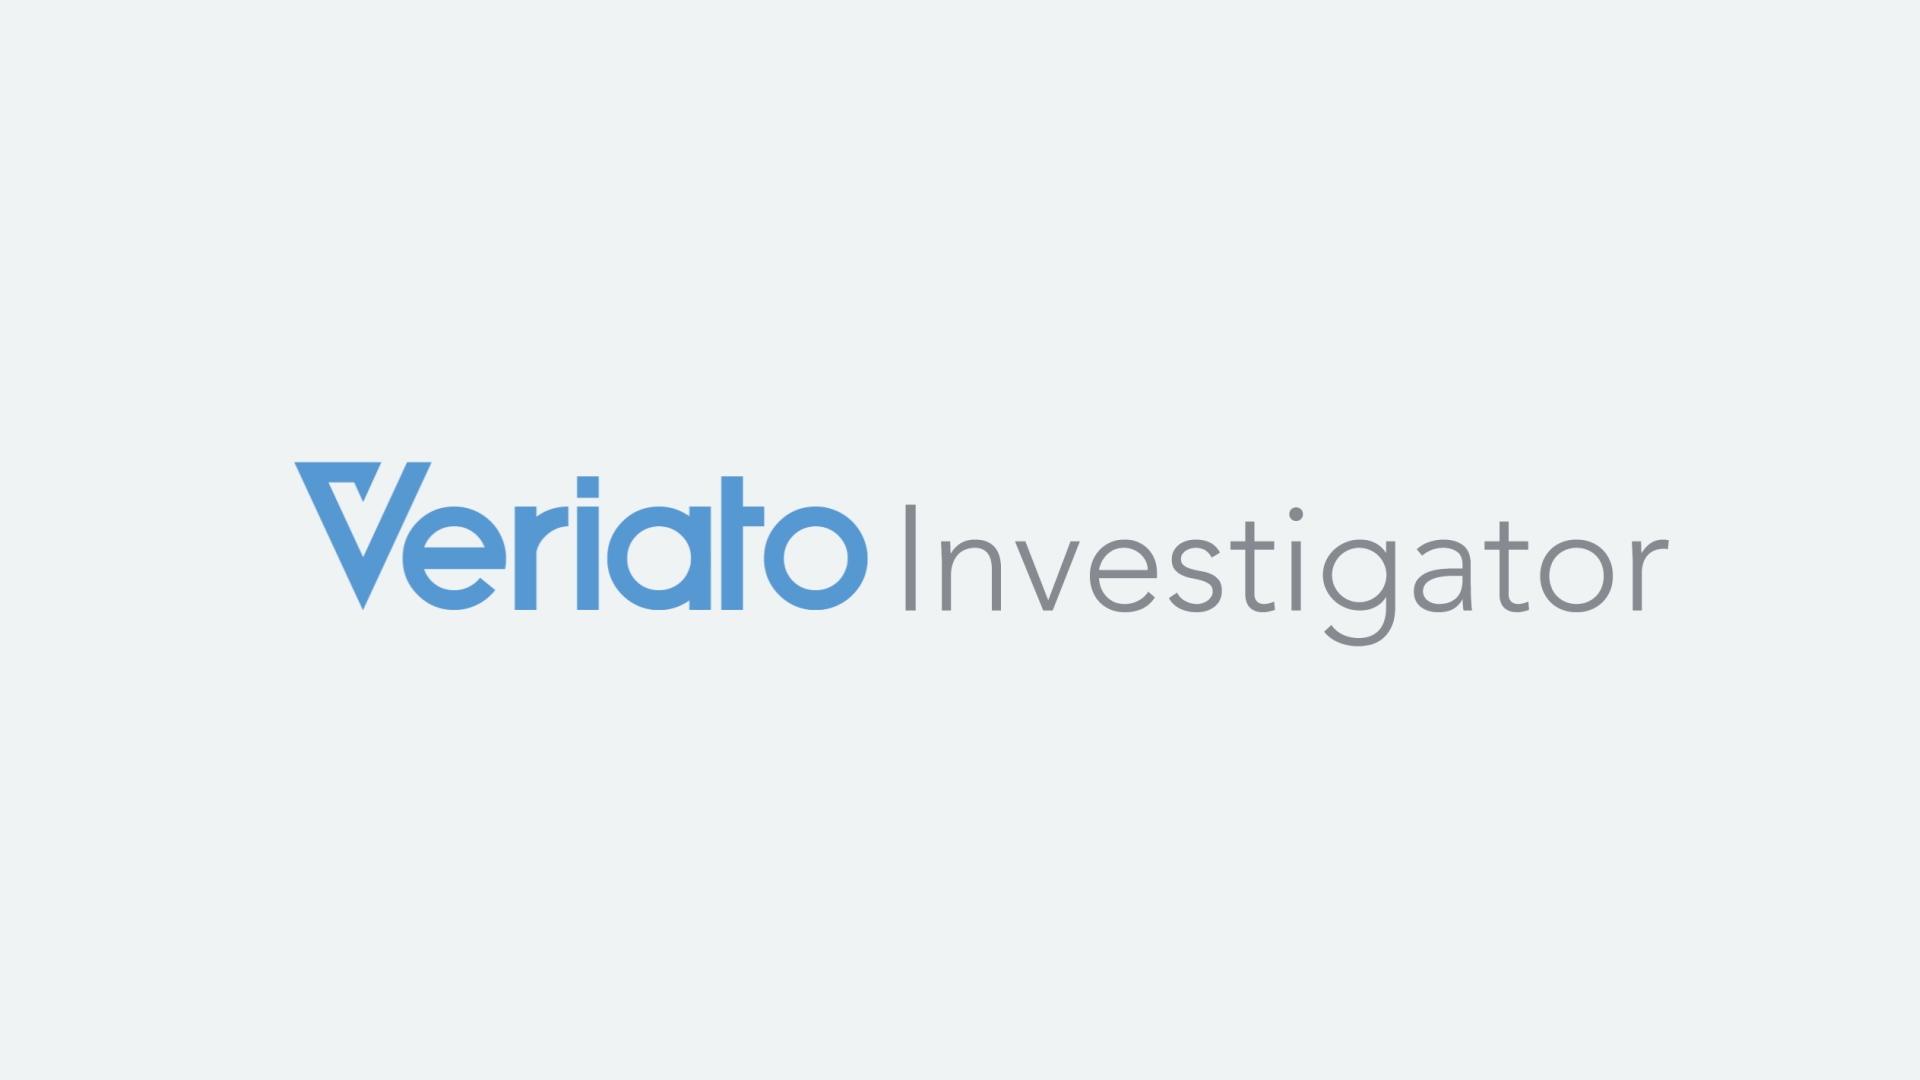 Veriato Investigator